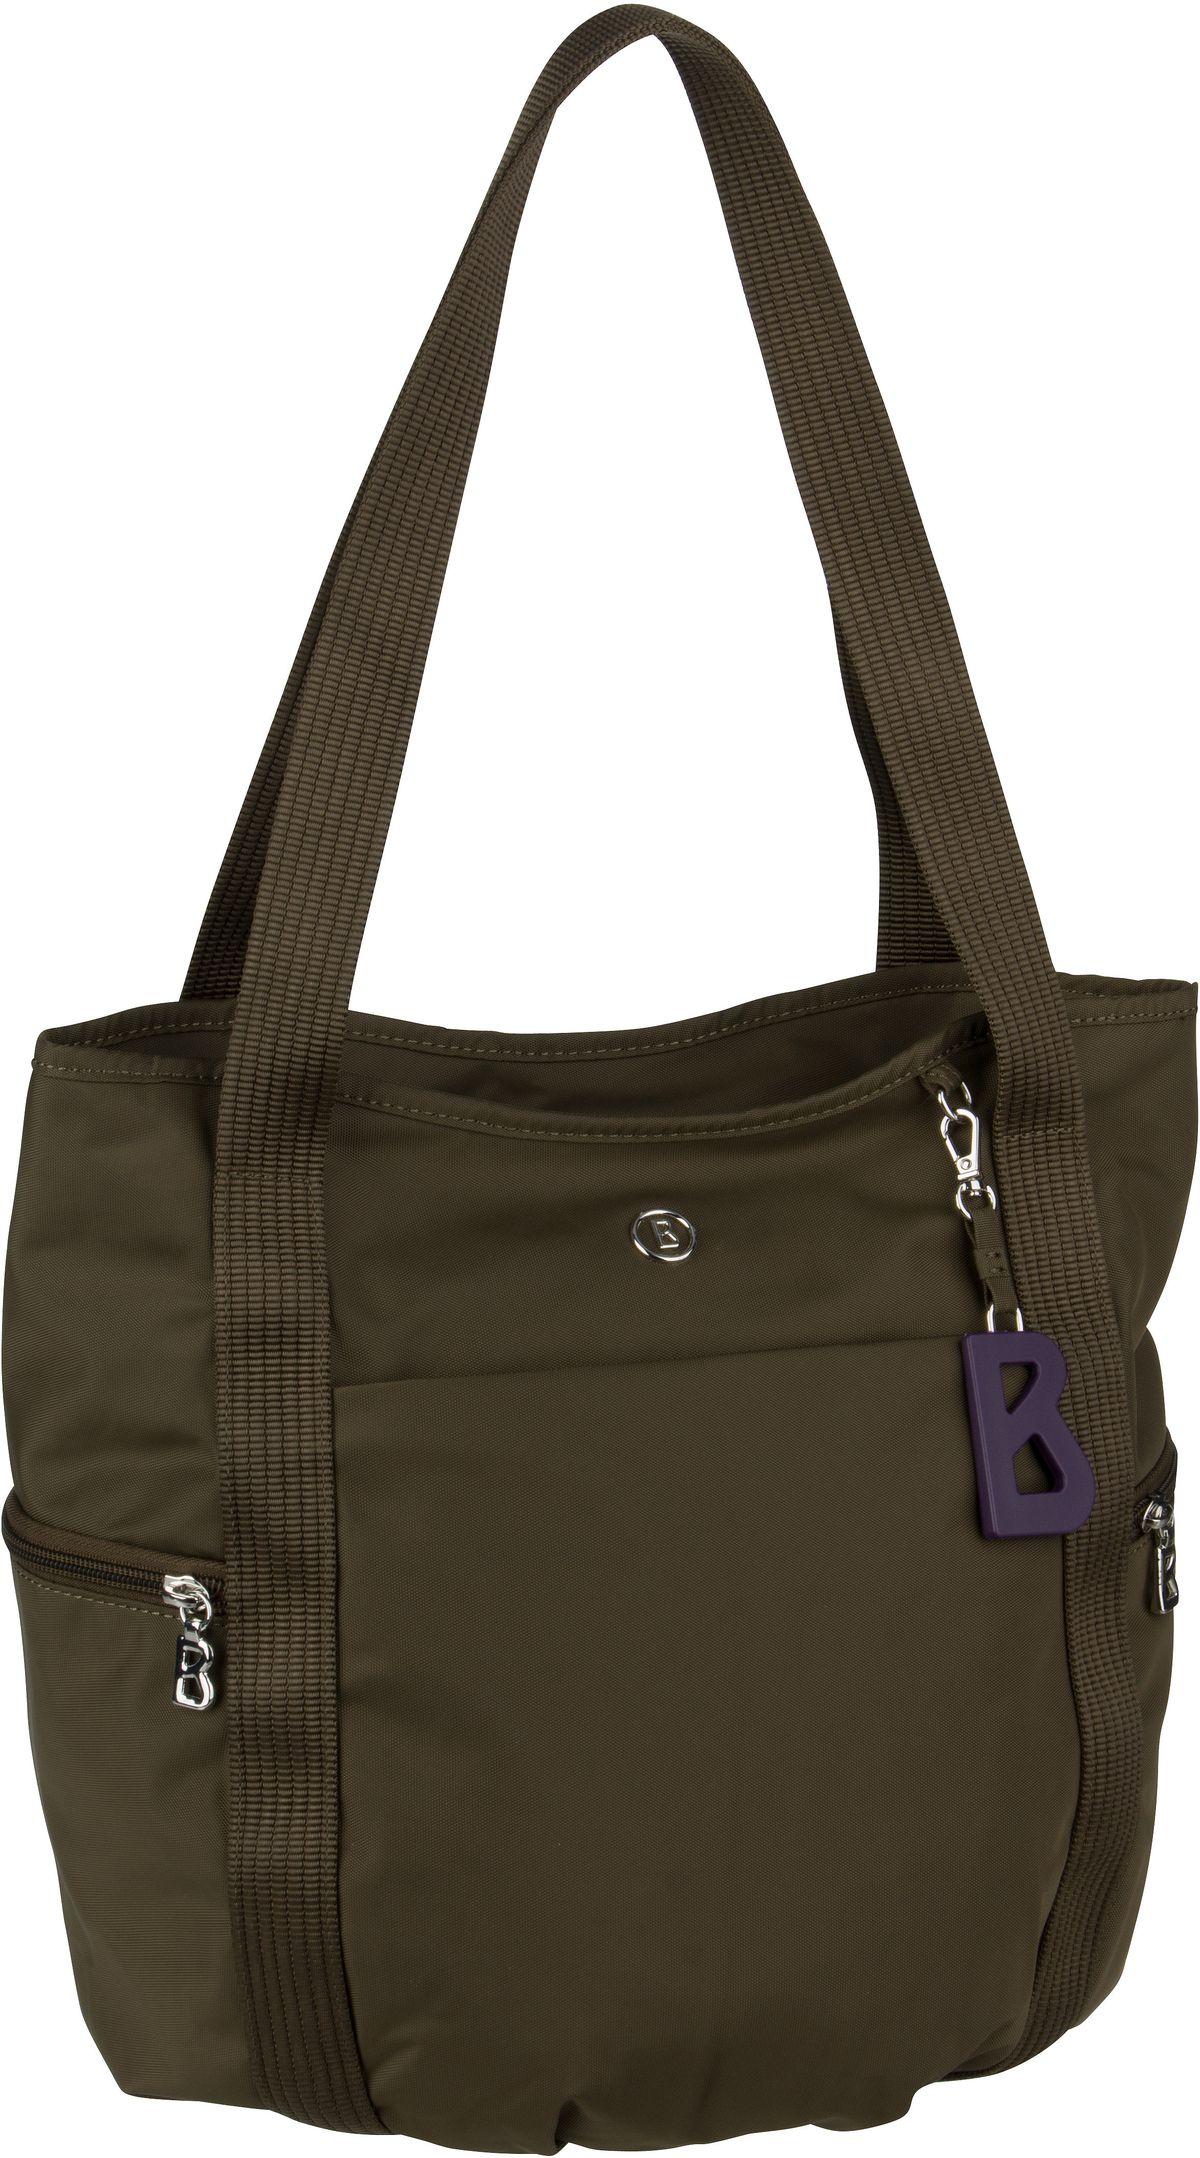 Handtasche Verbier Vlexa Shopper LHZ Khaki